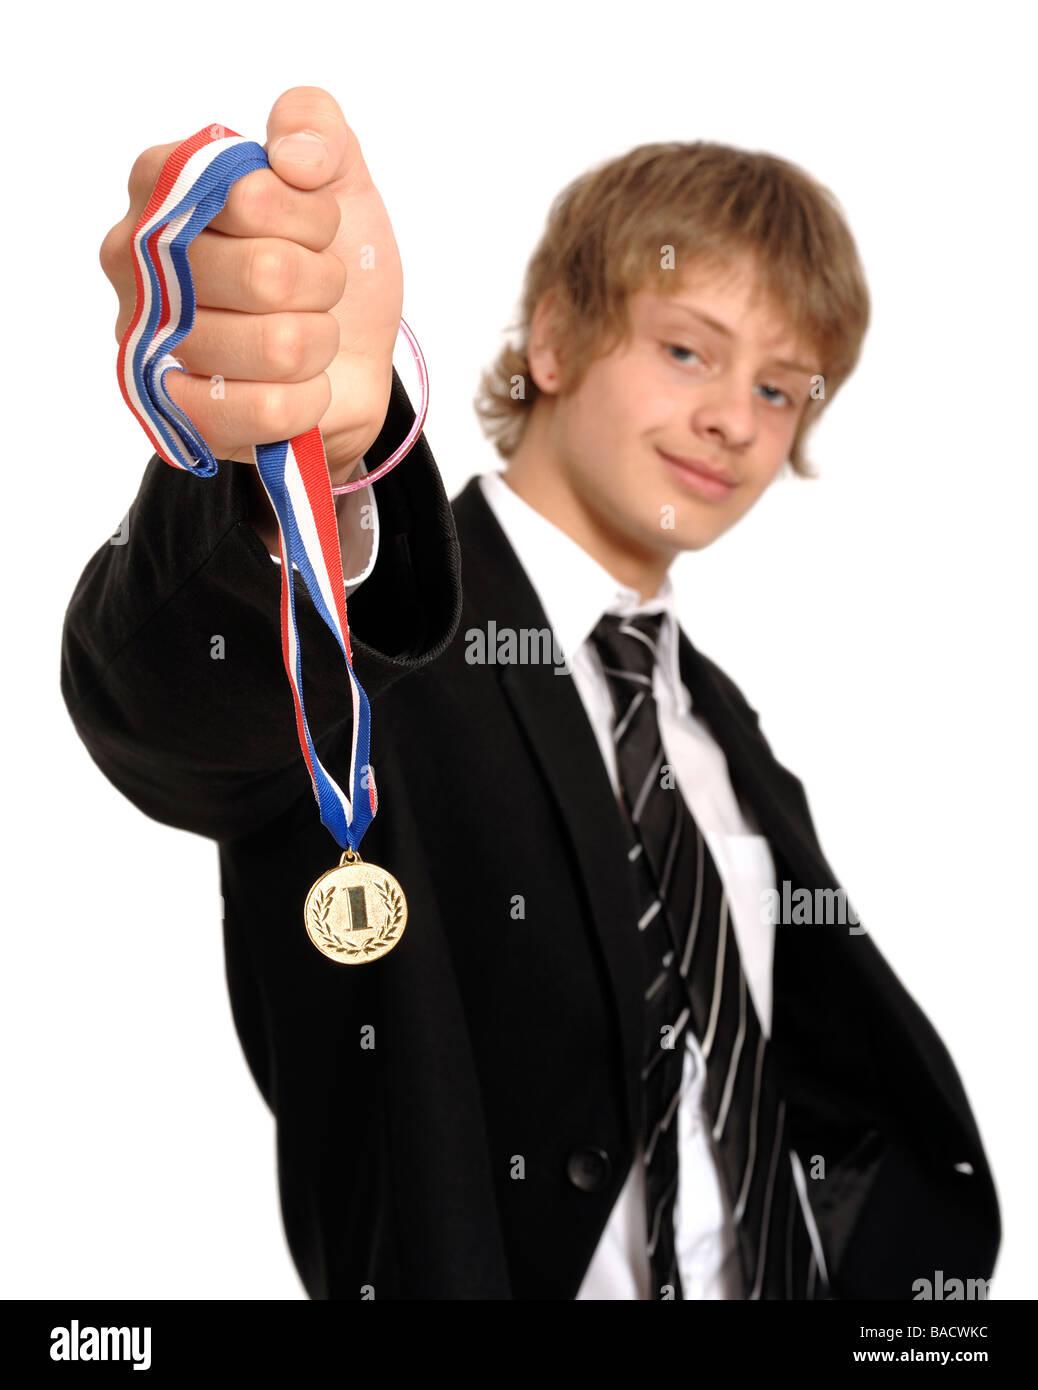 Scolaro con un oro prima medaglia Immagini Stock